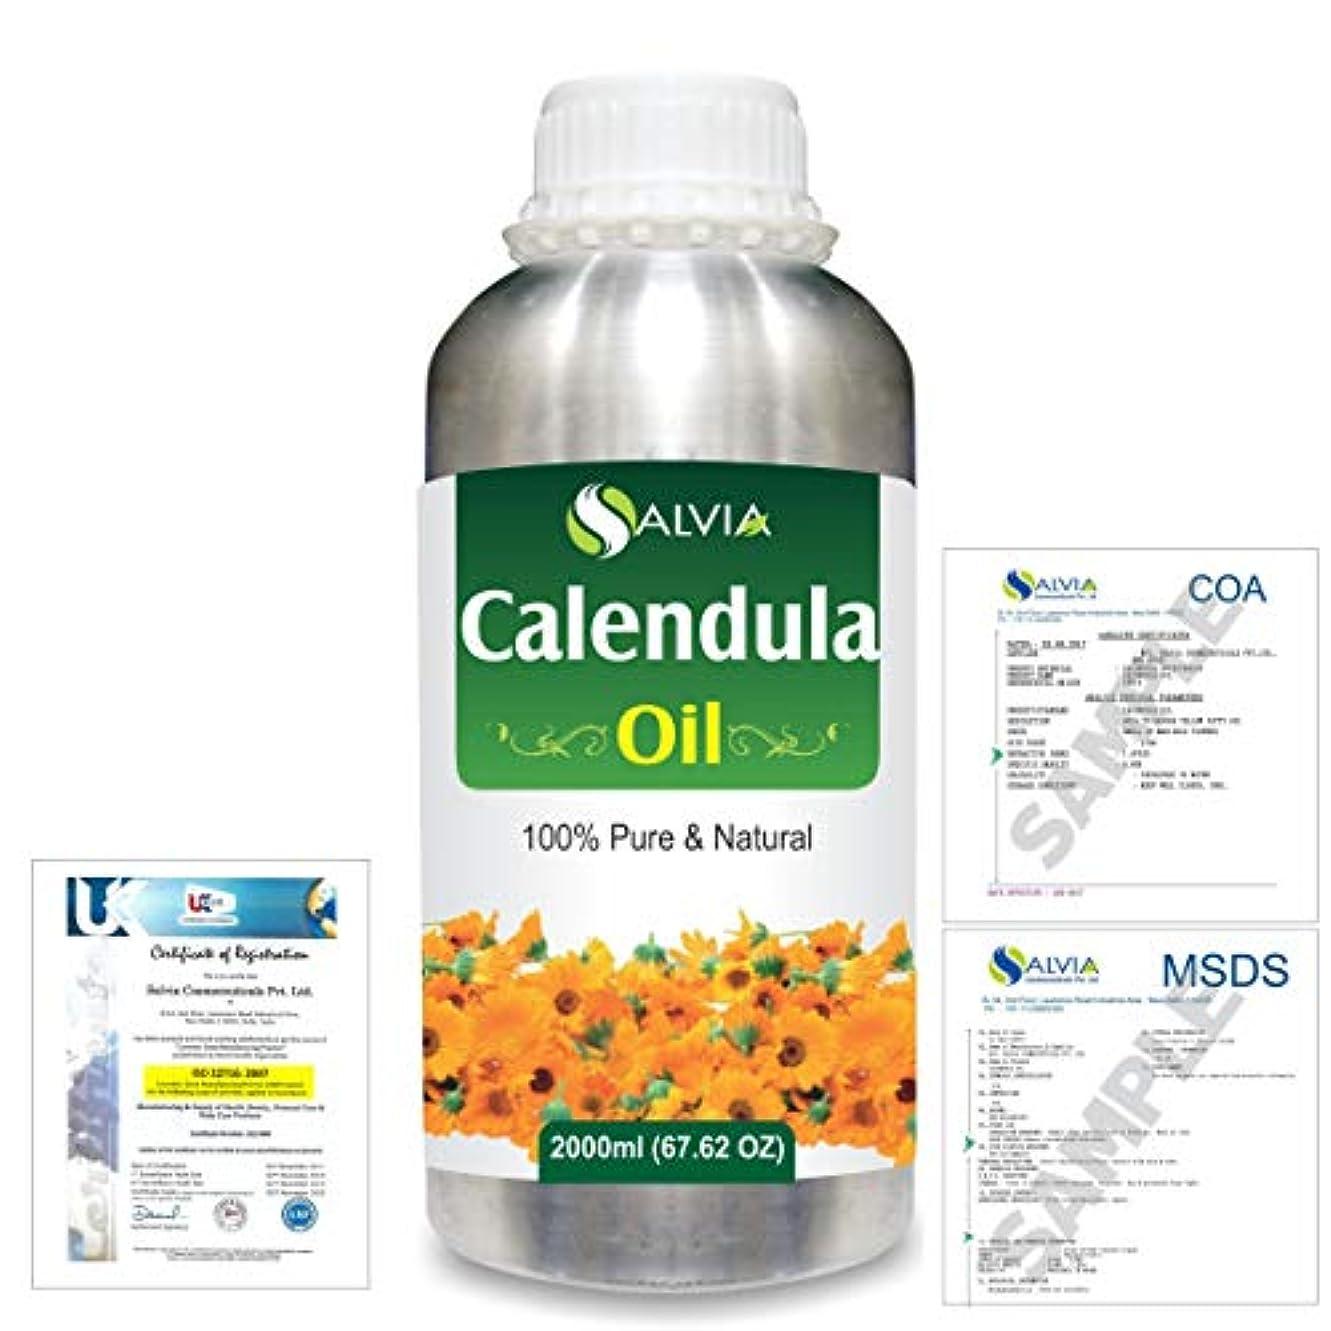 ナサニエル区遠近法嵐のCalendula (Calendula officinalis) 100% Natural Pure Essential Oil 2000ml/67 fl.oz.